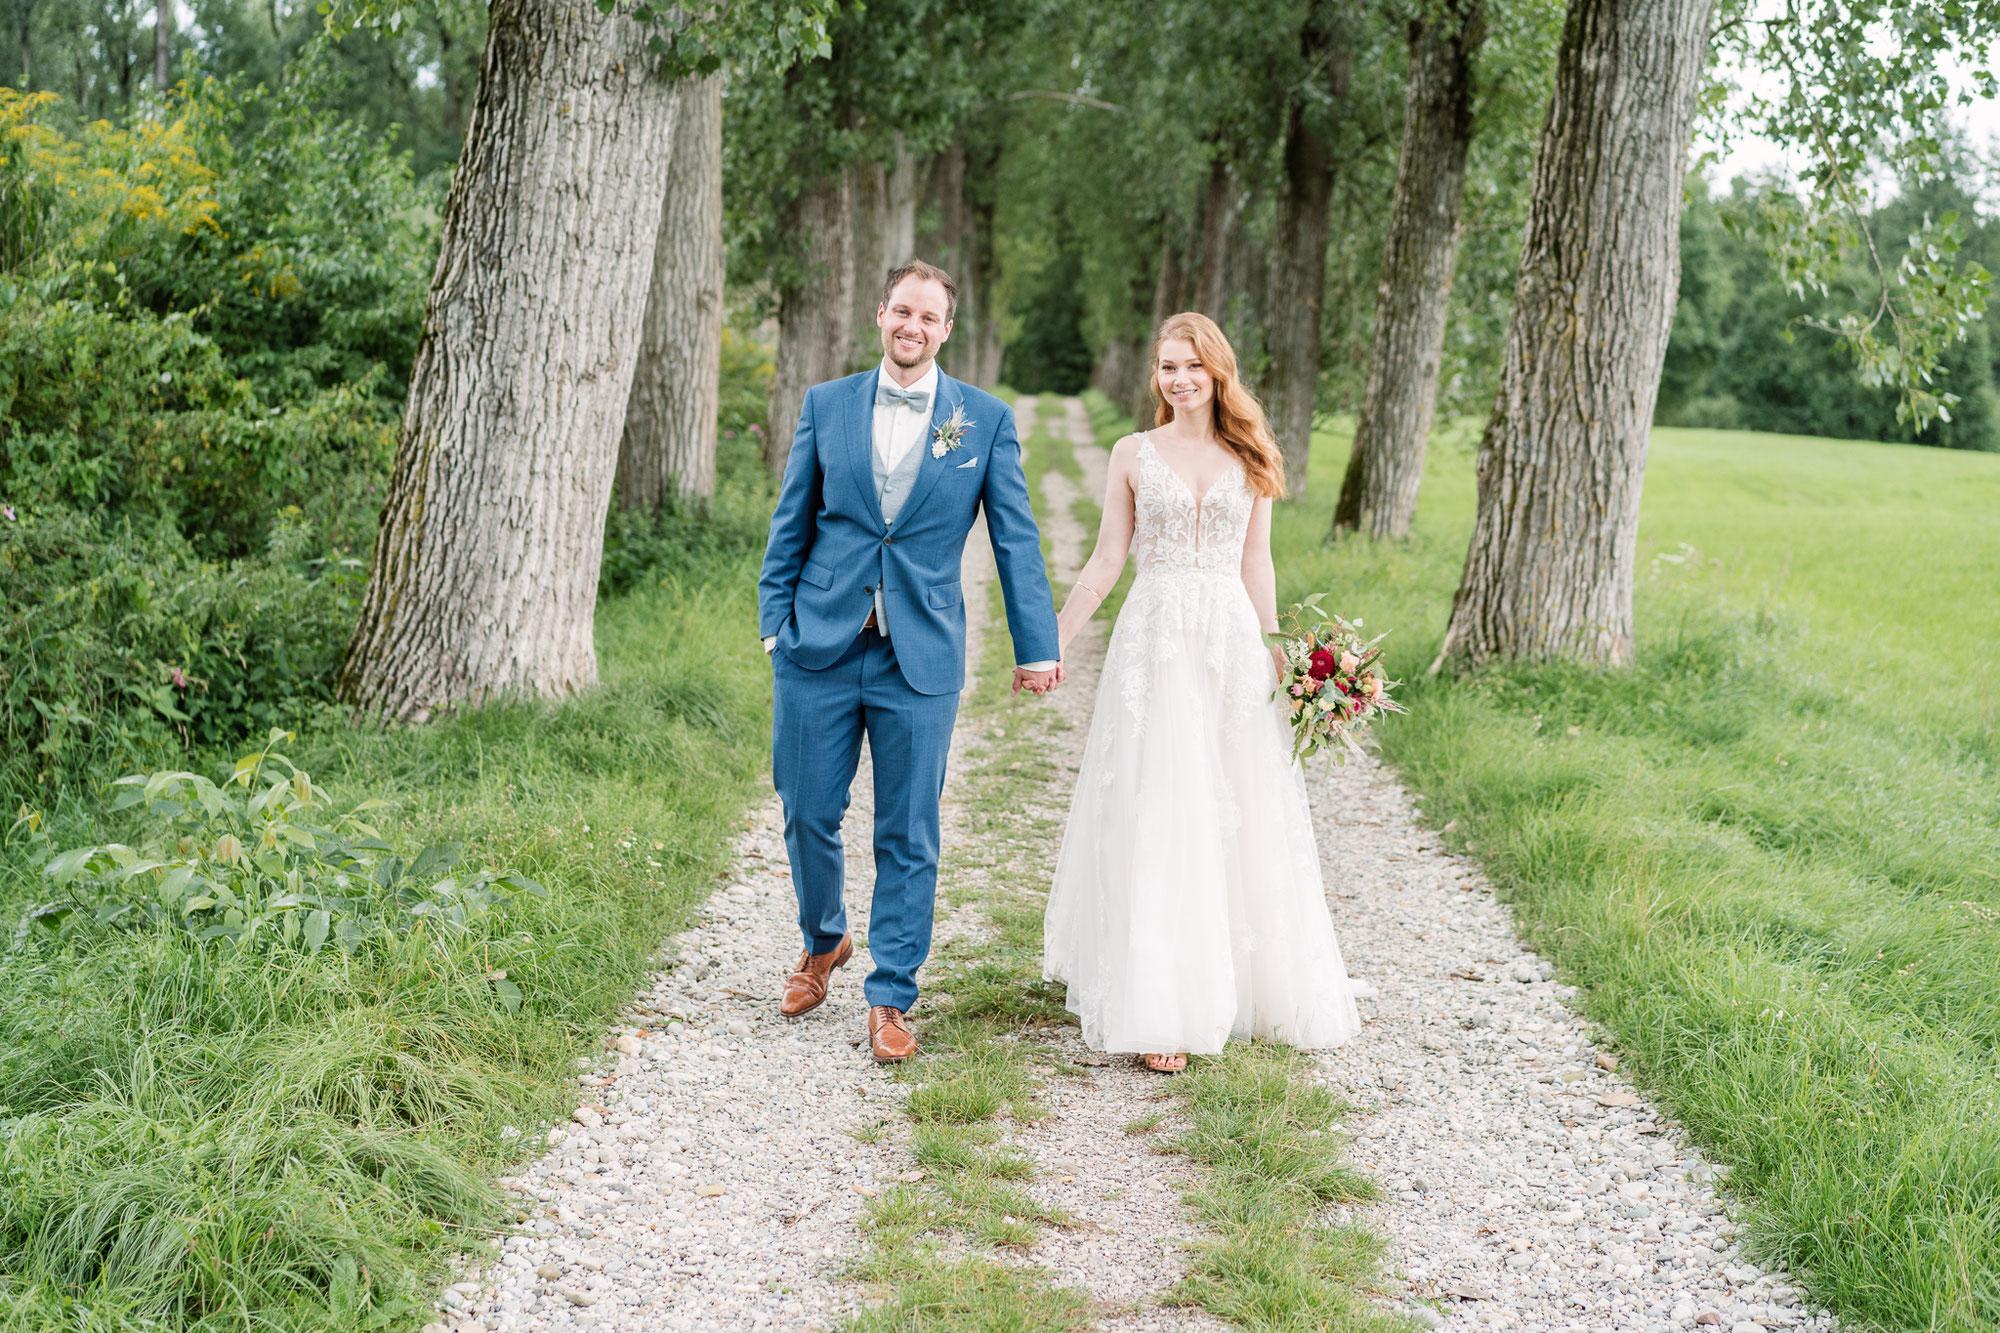 Manuela & Wolfgang - Hochzeit auf Gut Staudham